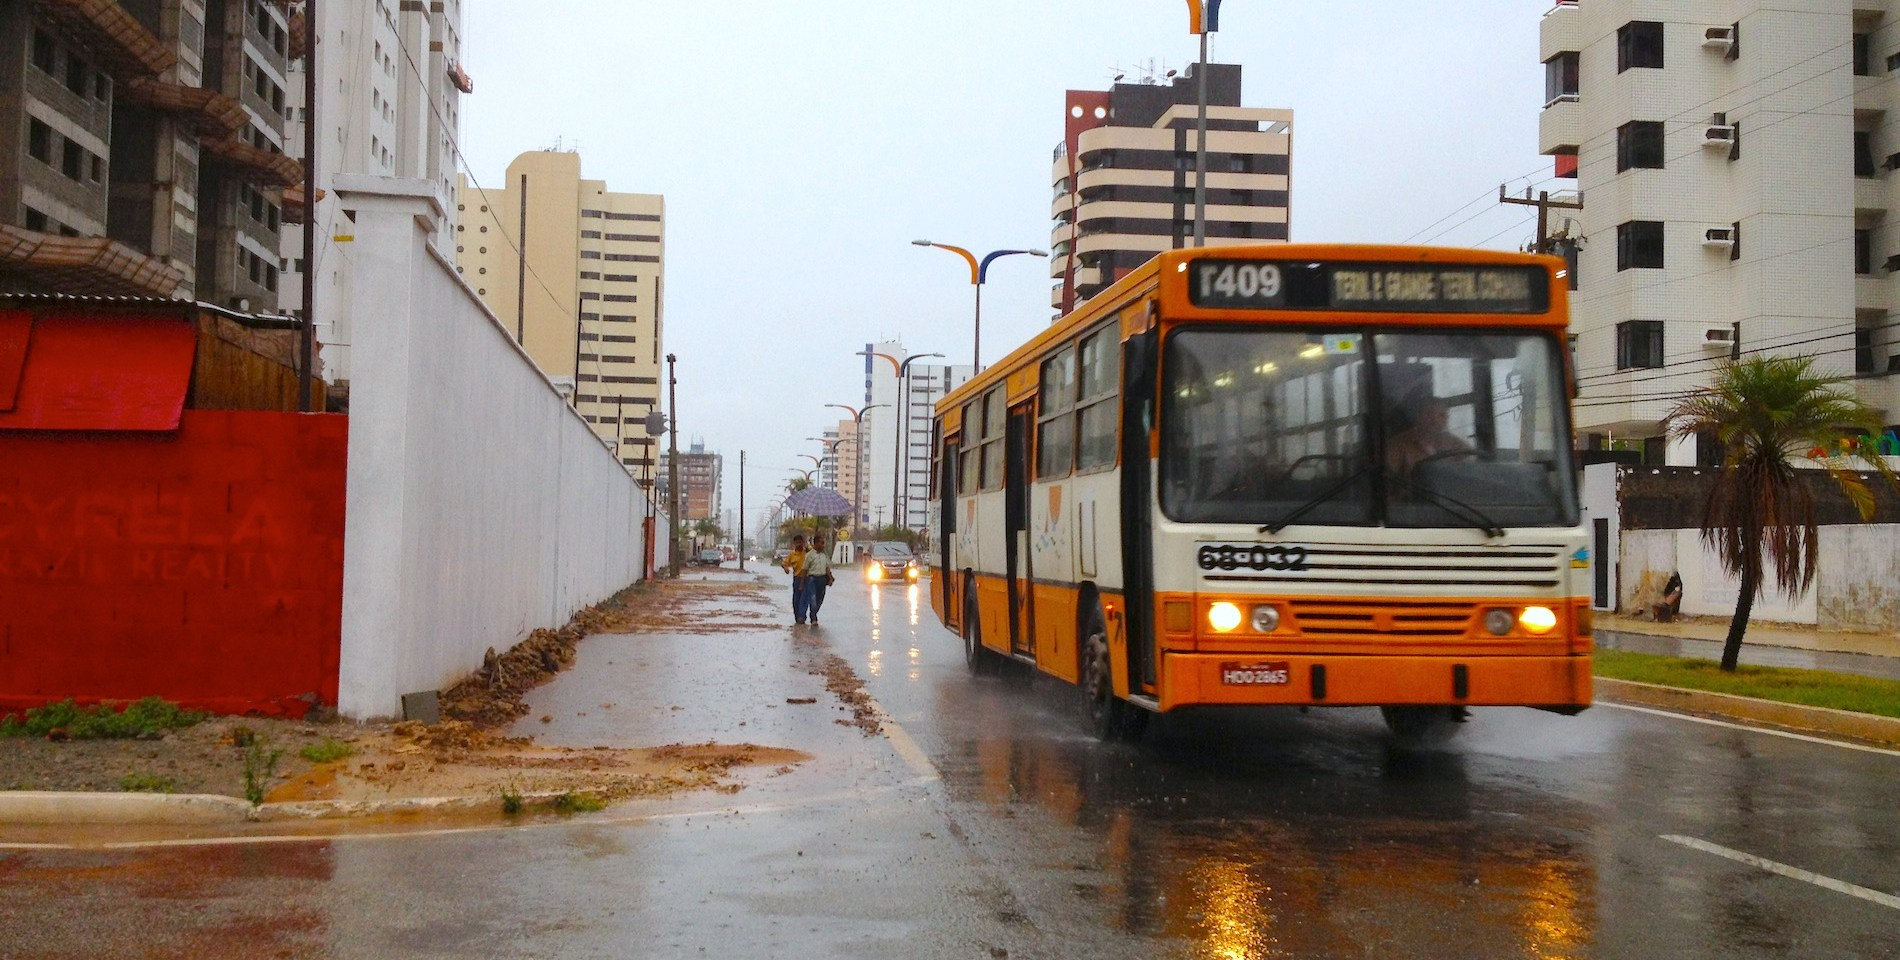 Pedestre sem calçada com ônibus